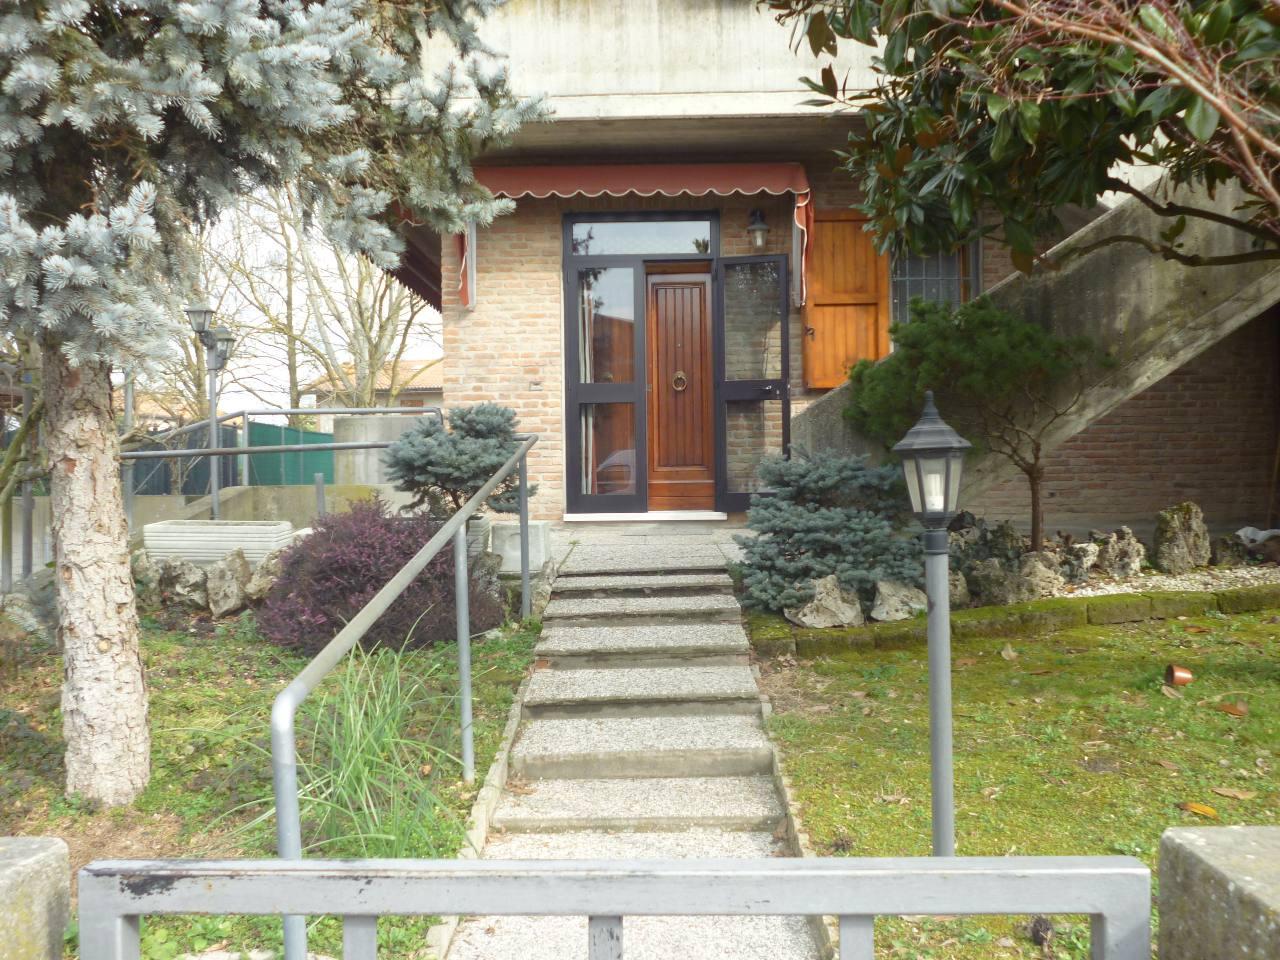 Appartamento in vendita a Voghiera, 2 locali, zona Località: Voghiera, prezzo € 110.000   CambioCasa.it